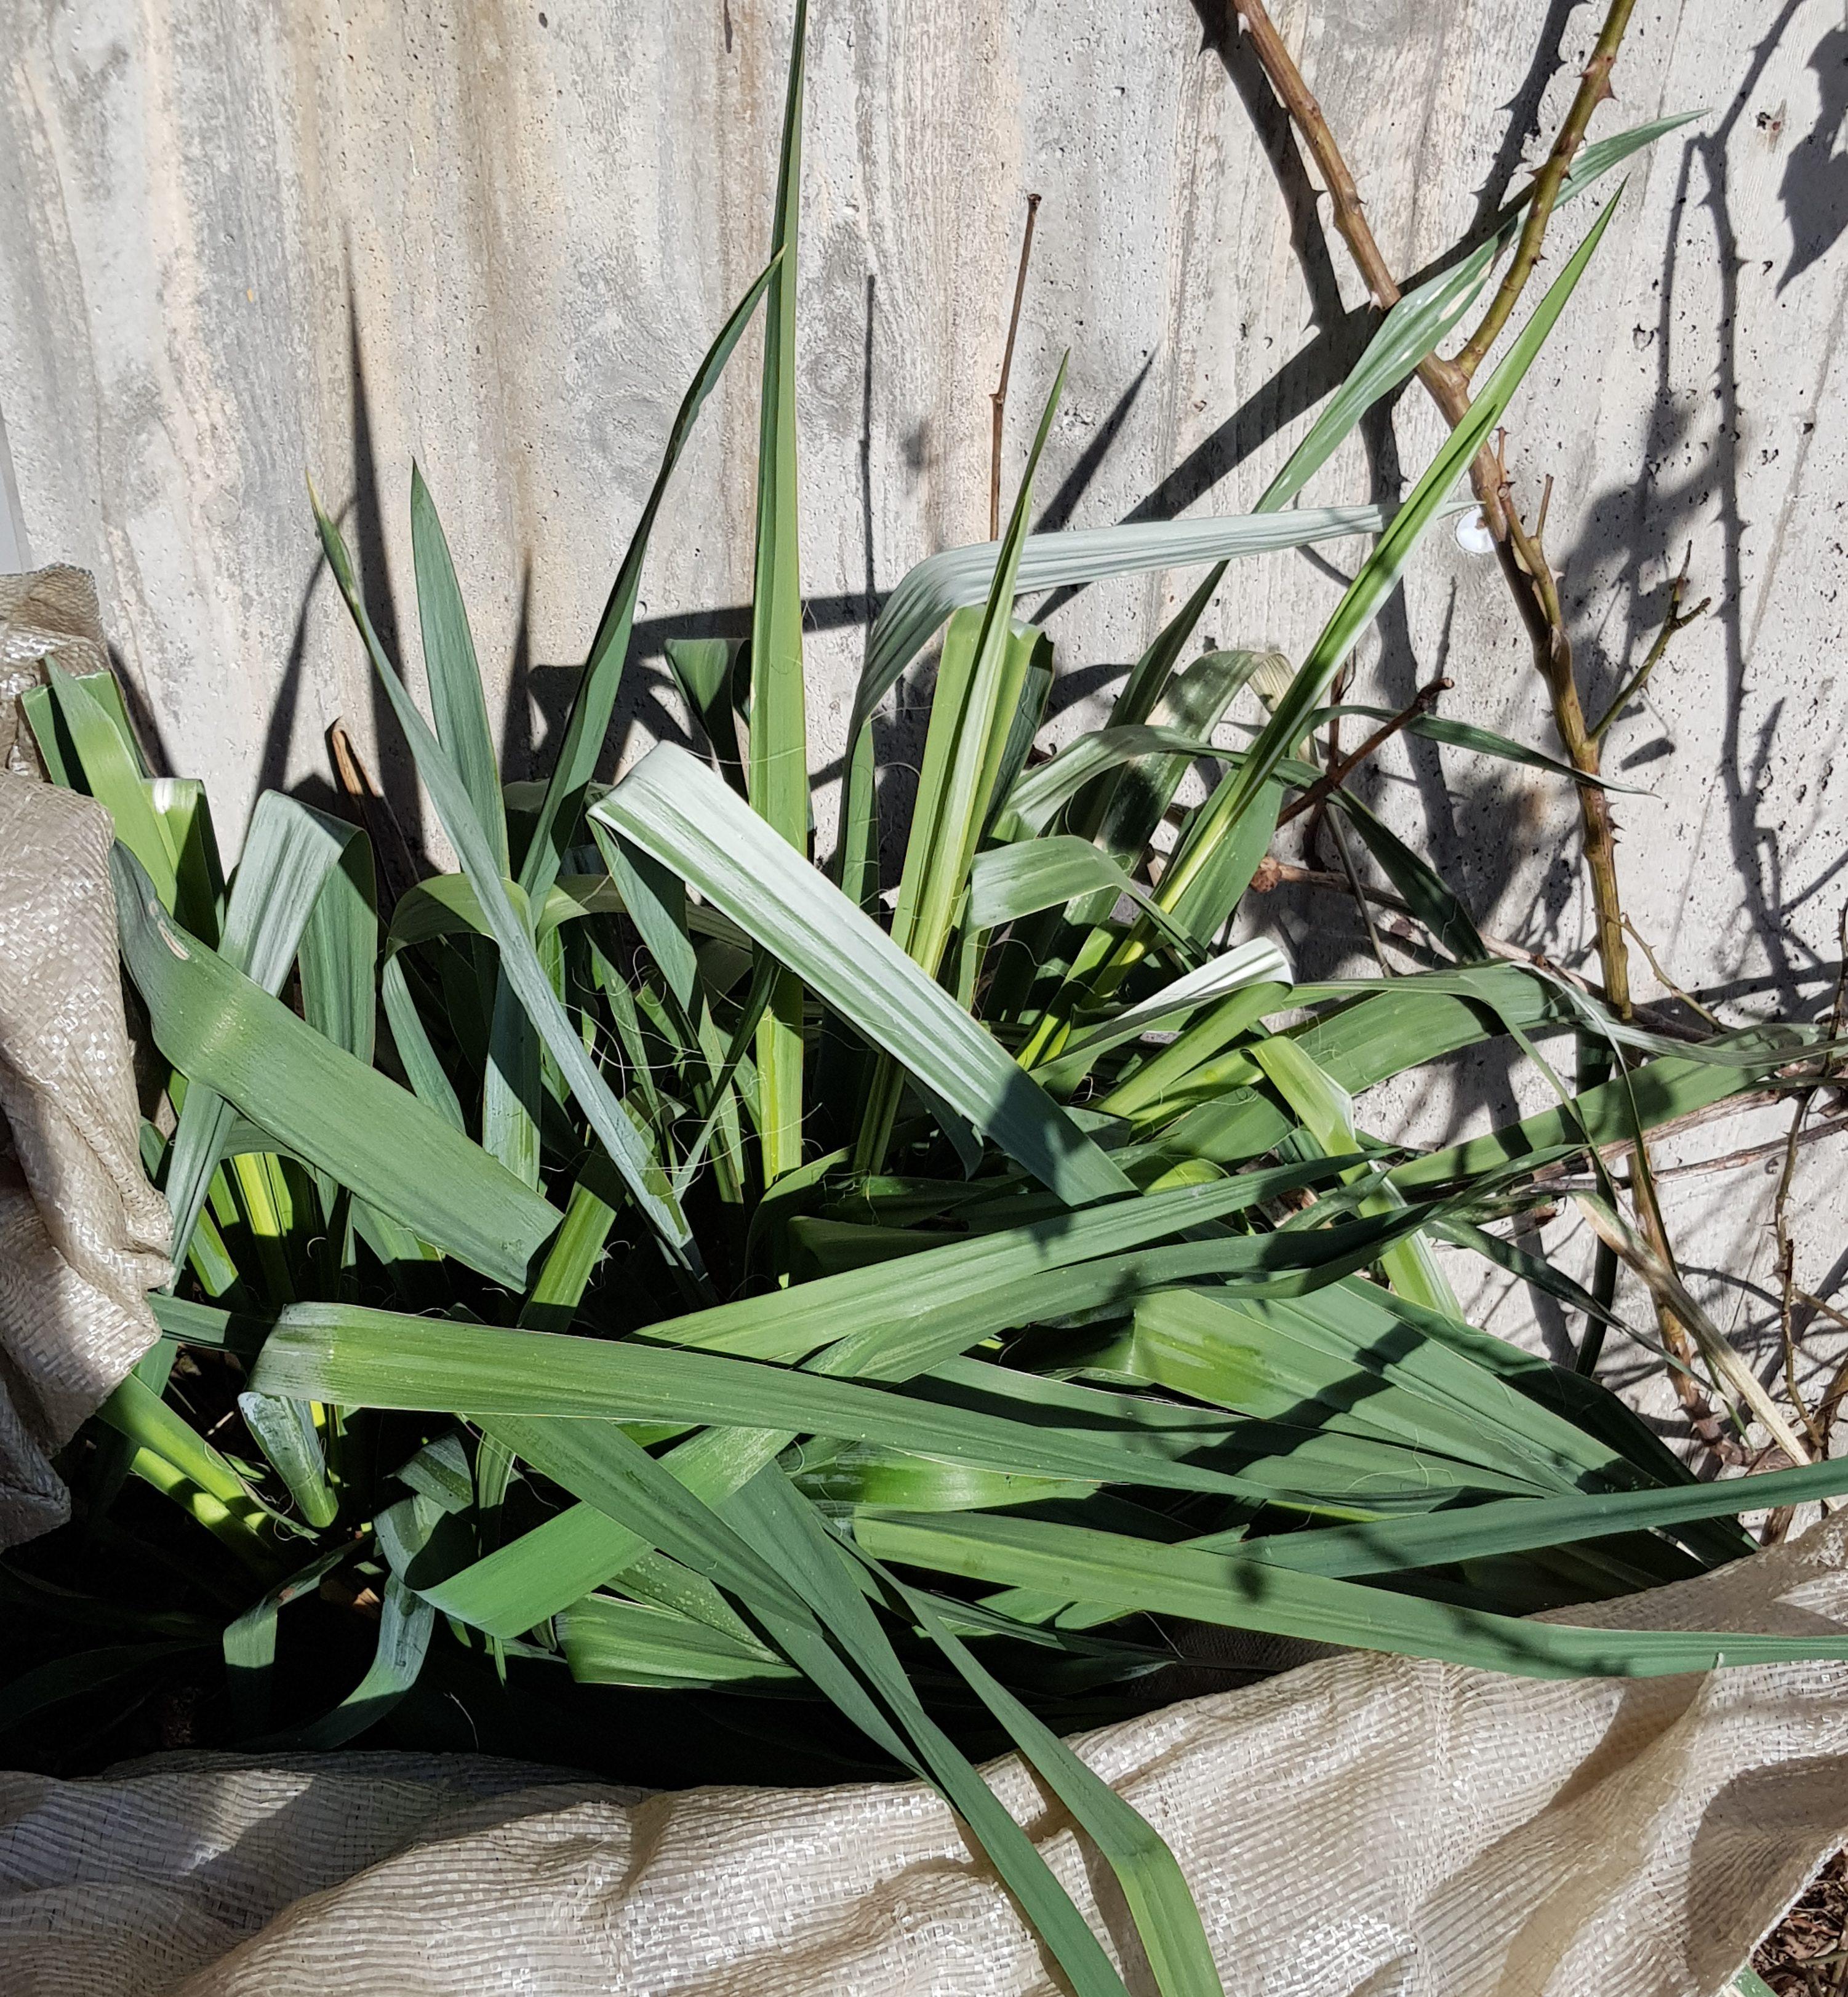 Nå er det tid for å beskytte planter mot sterk vårsol.